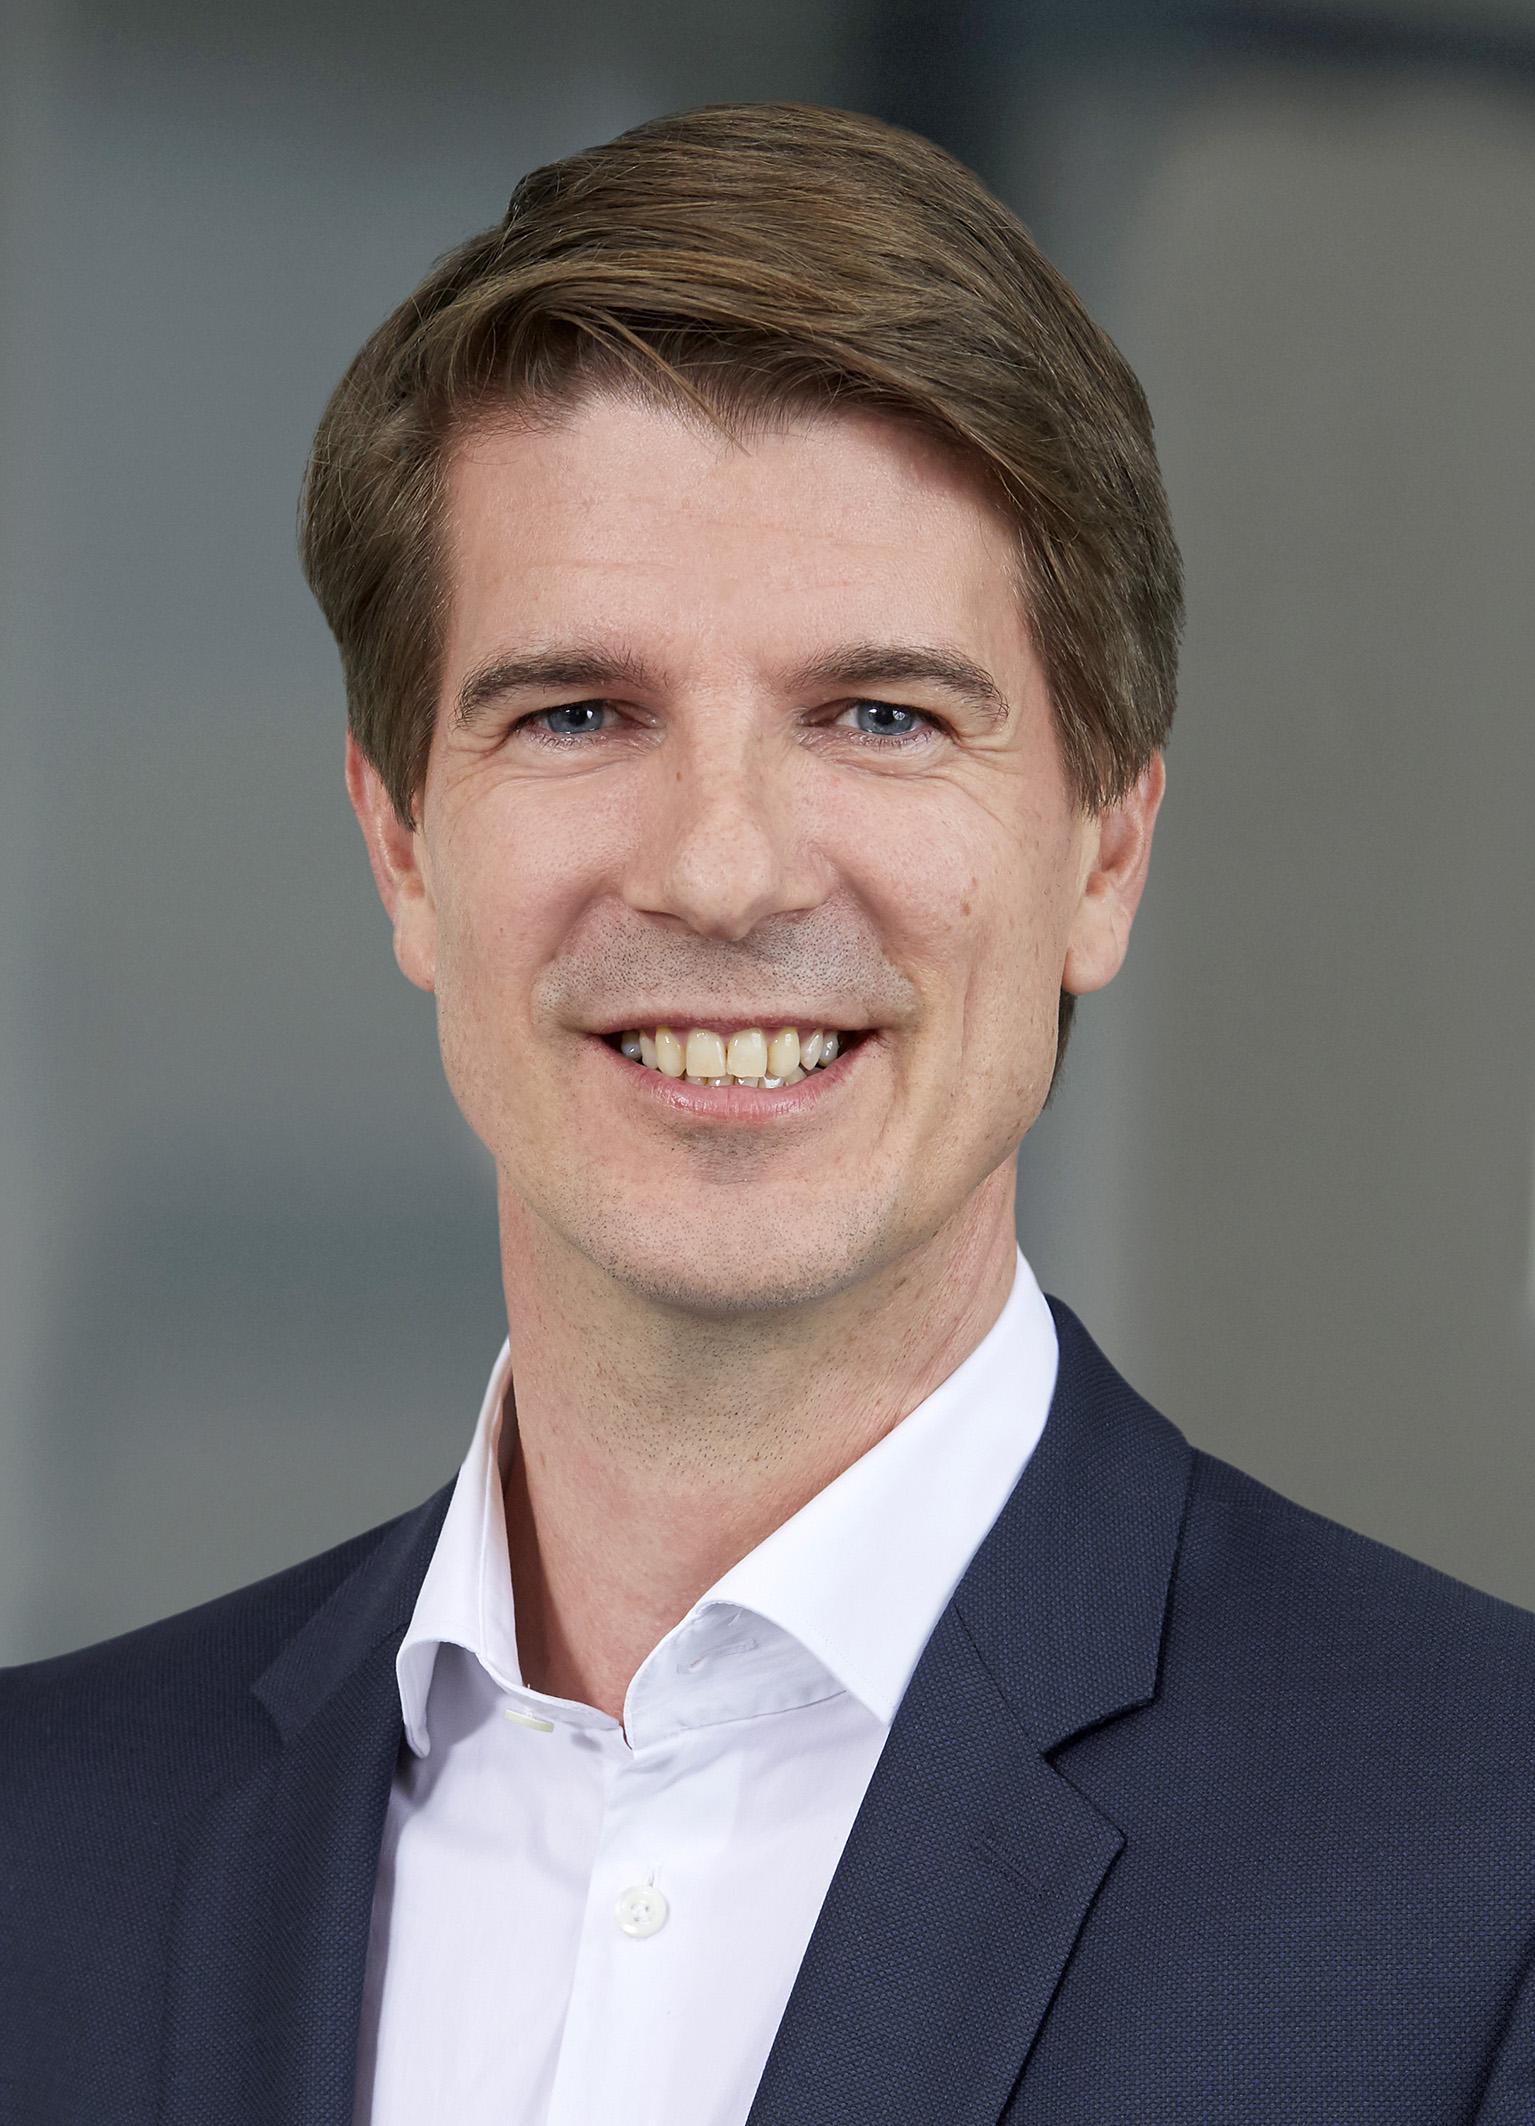 Dr Karsten Hoyer